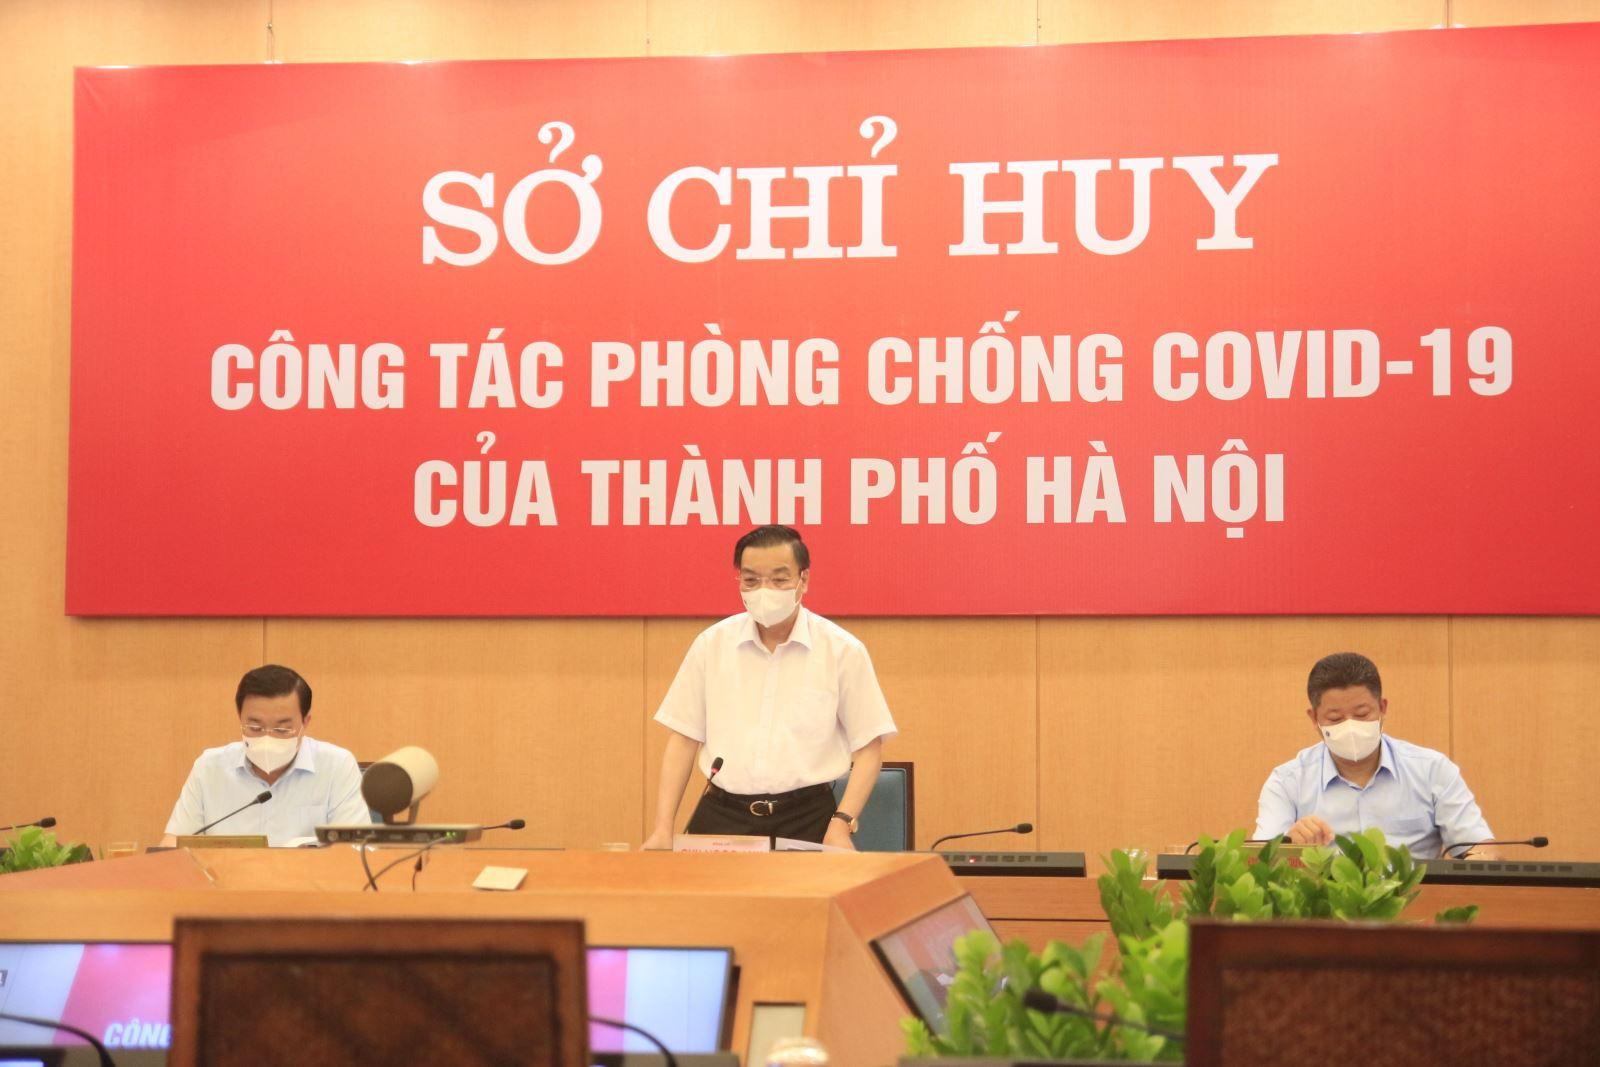 Chủ tịch UBND TP Hà Nội: Người dân vẫn ra đường khá đông so với kỳ vọng giãn cách xã hội - Ảnh 2.